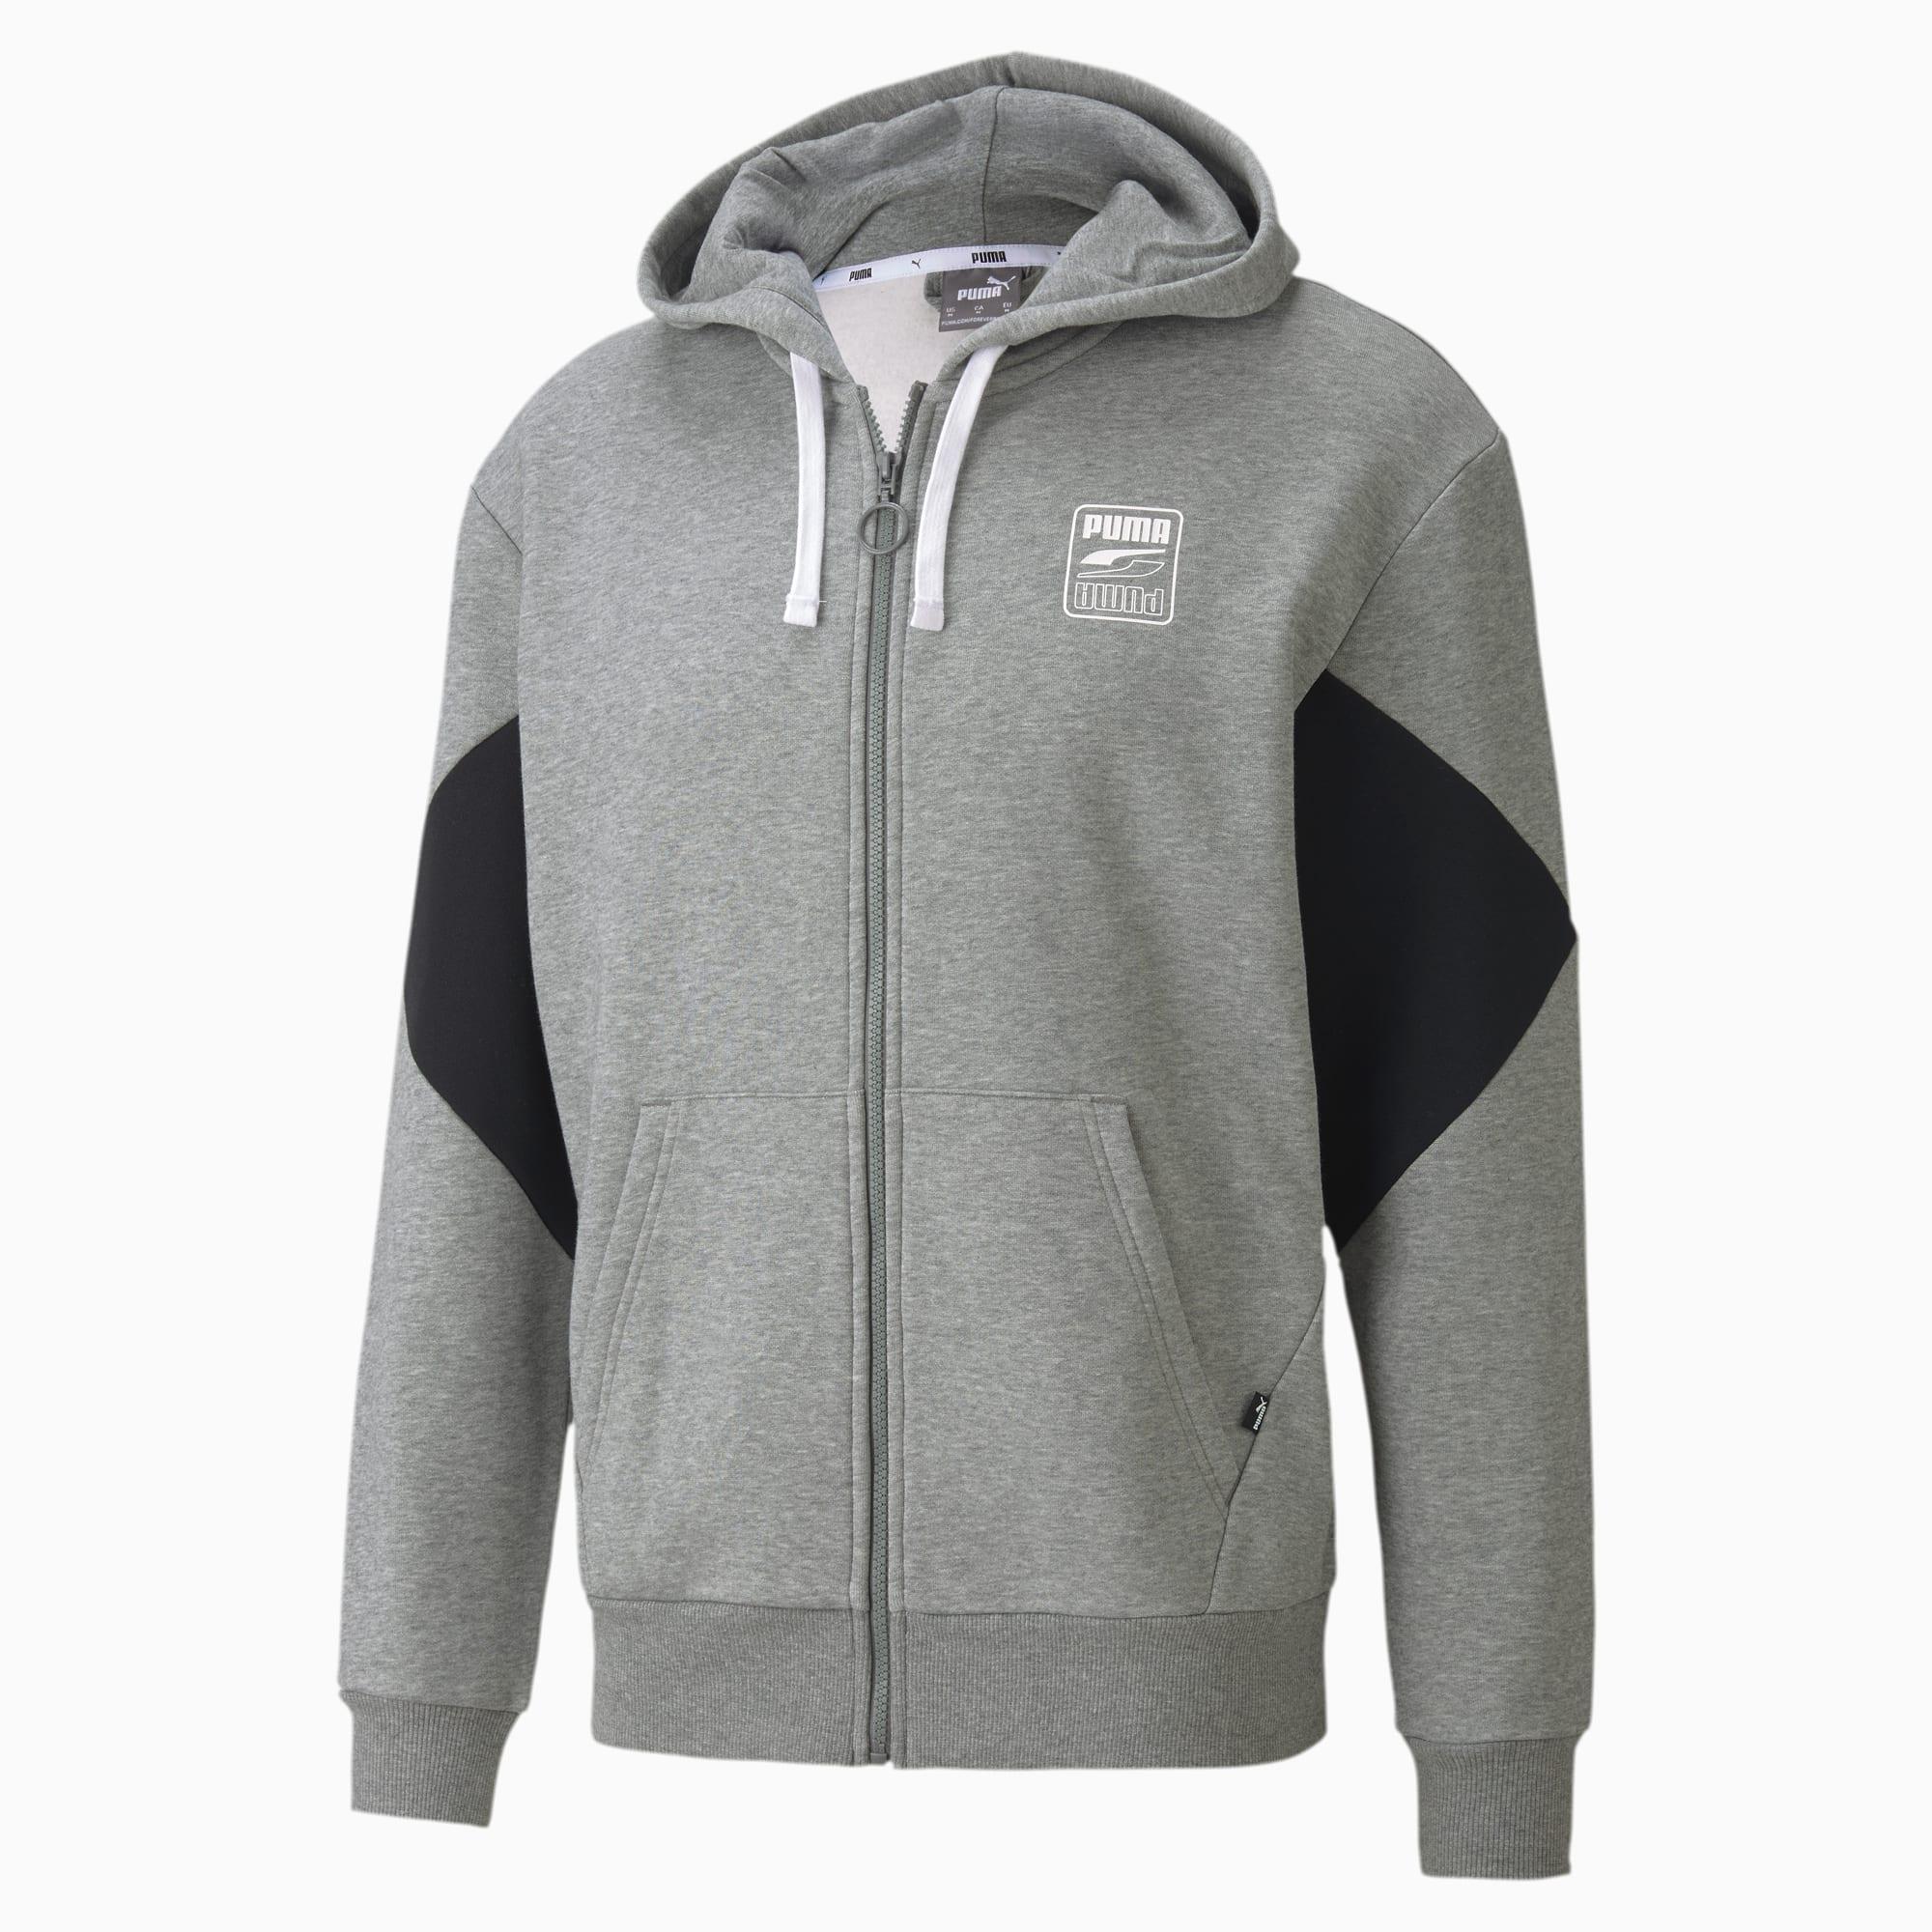 blouson en sweat rebel avec capuche pour homme, gris/bruyère, taille xs, vêtements